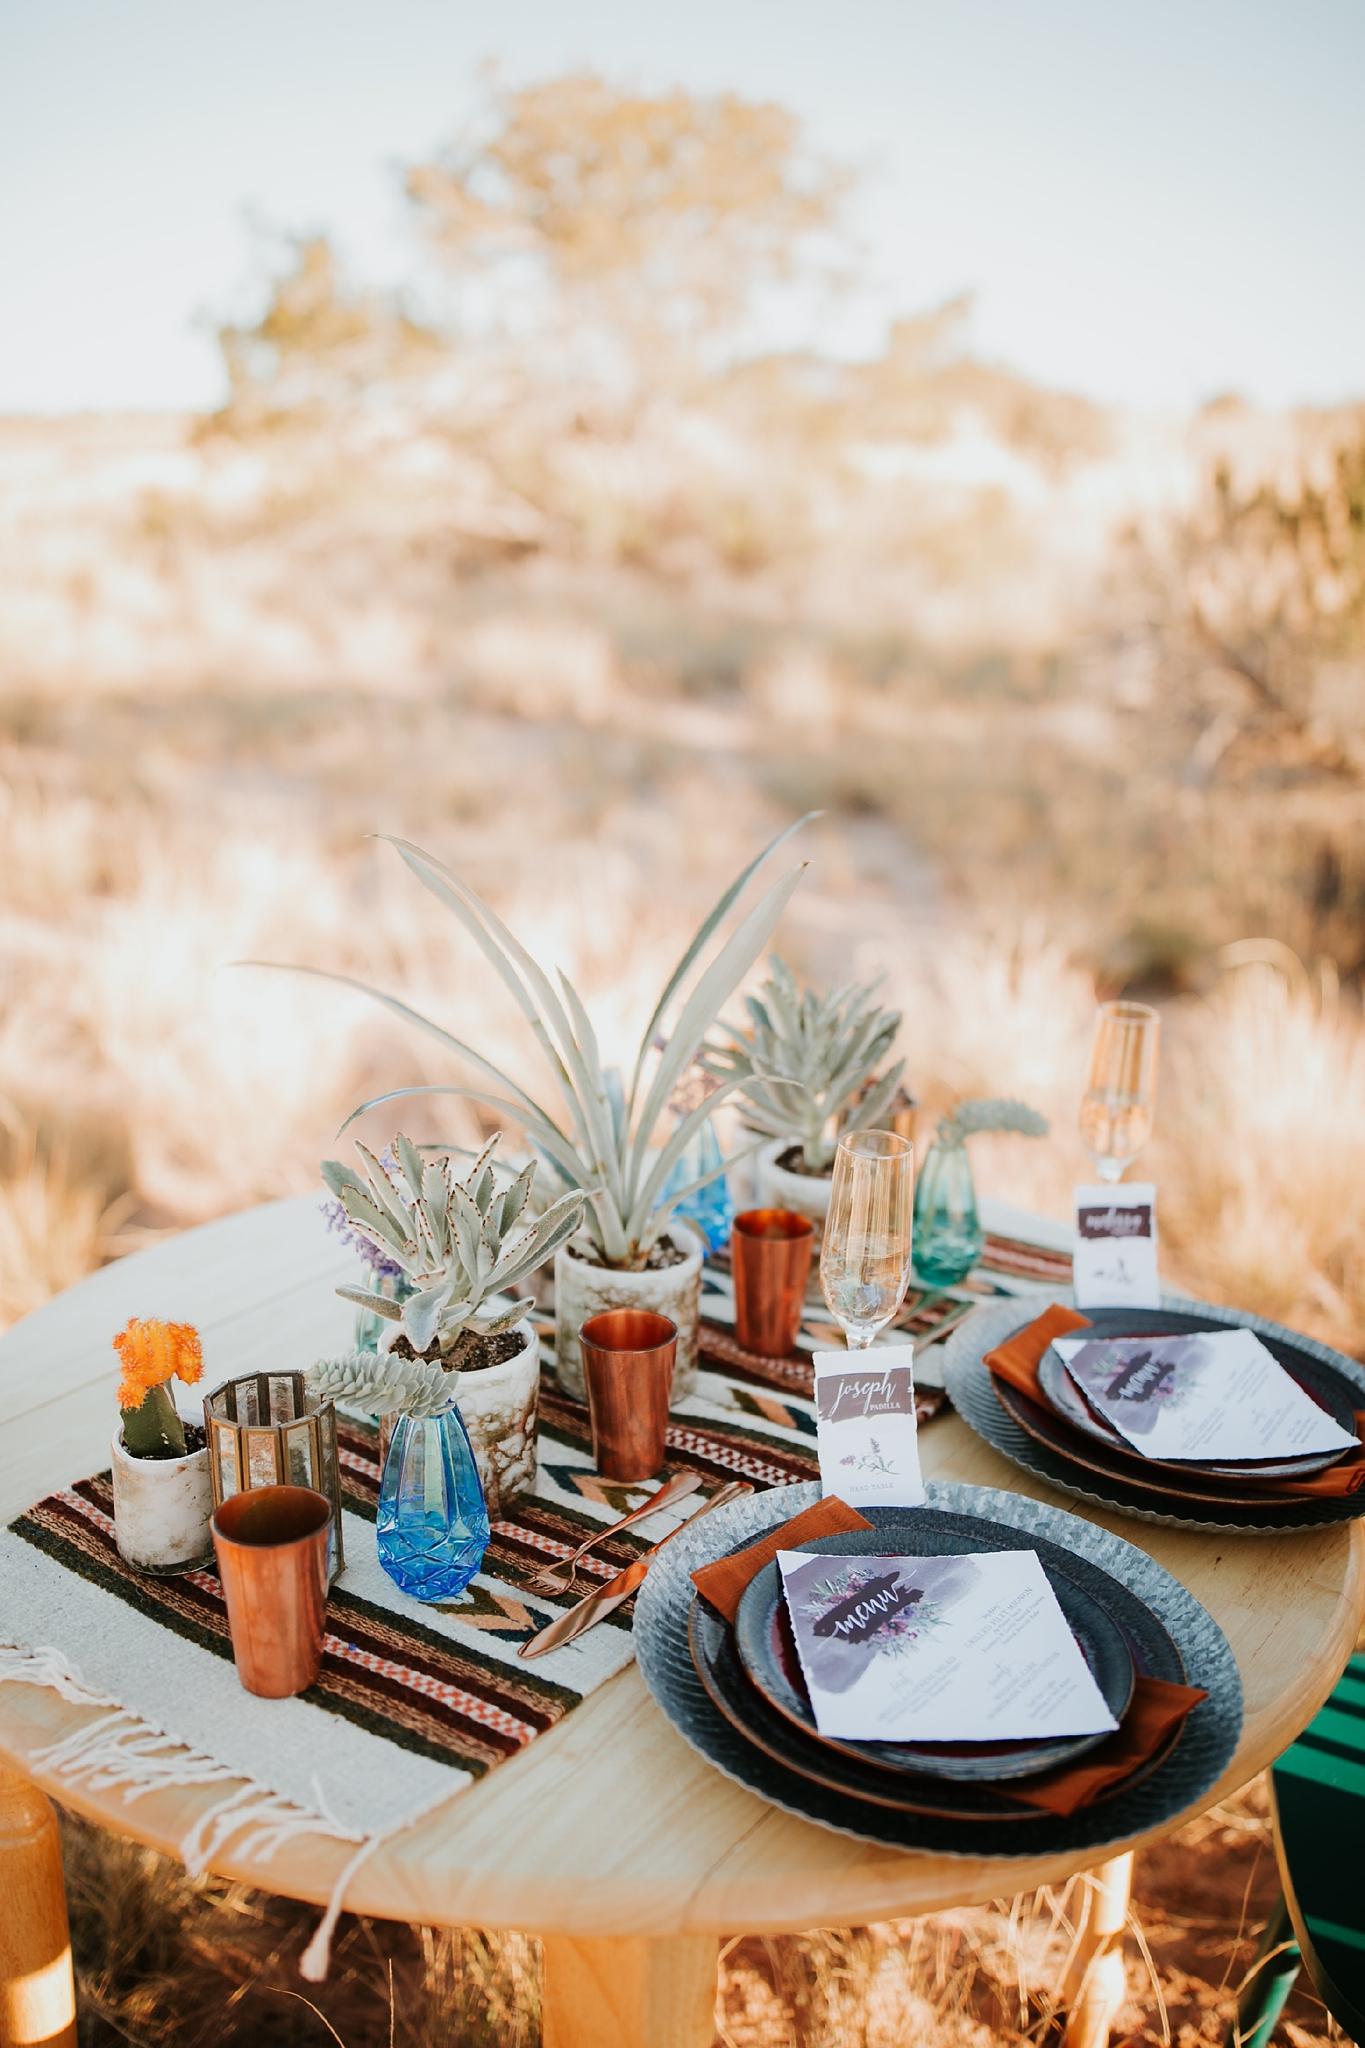 Alicia+lucia+photography+-+albuquerque+wedding+photographer+-+santa+fe+wedding+photography+-+new+mexico+wedding+photographer+-+new+mexico+wedding+-+new+mexico+wedding+-+wedding+florals+-+desert+wedding+-+wedding+trends_0049.jpg